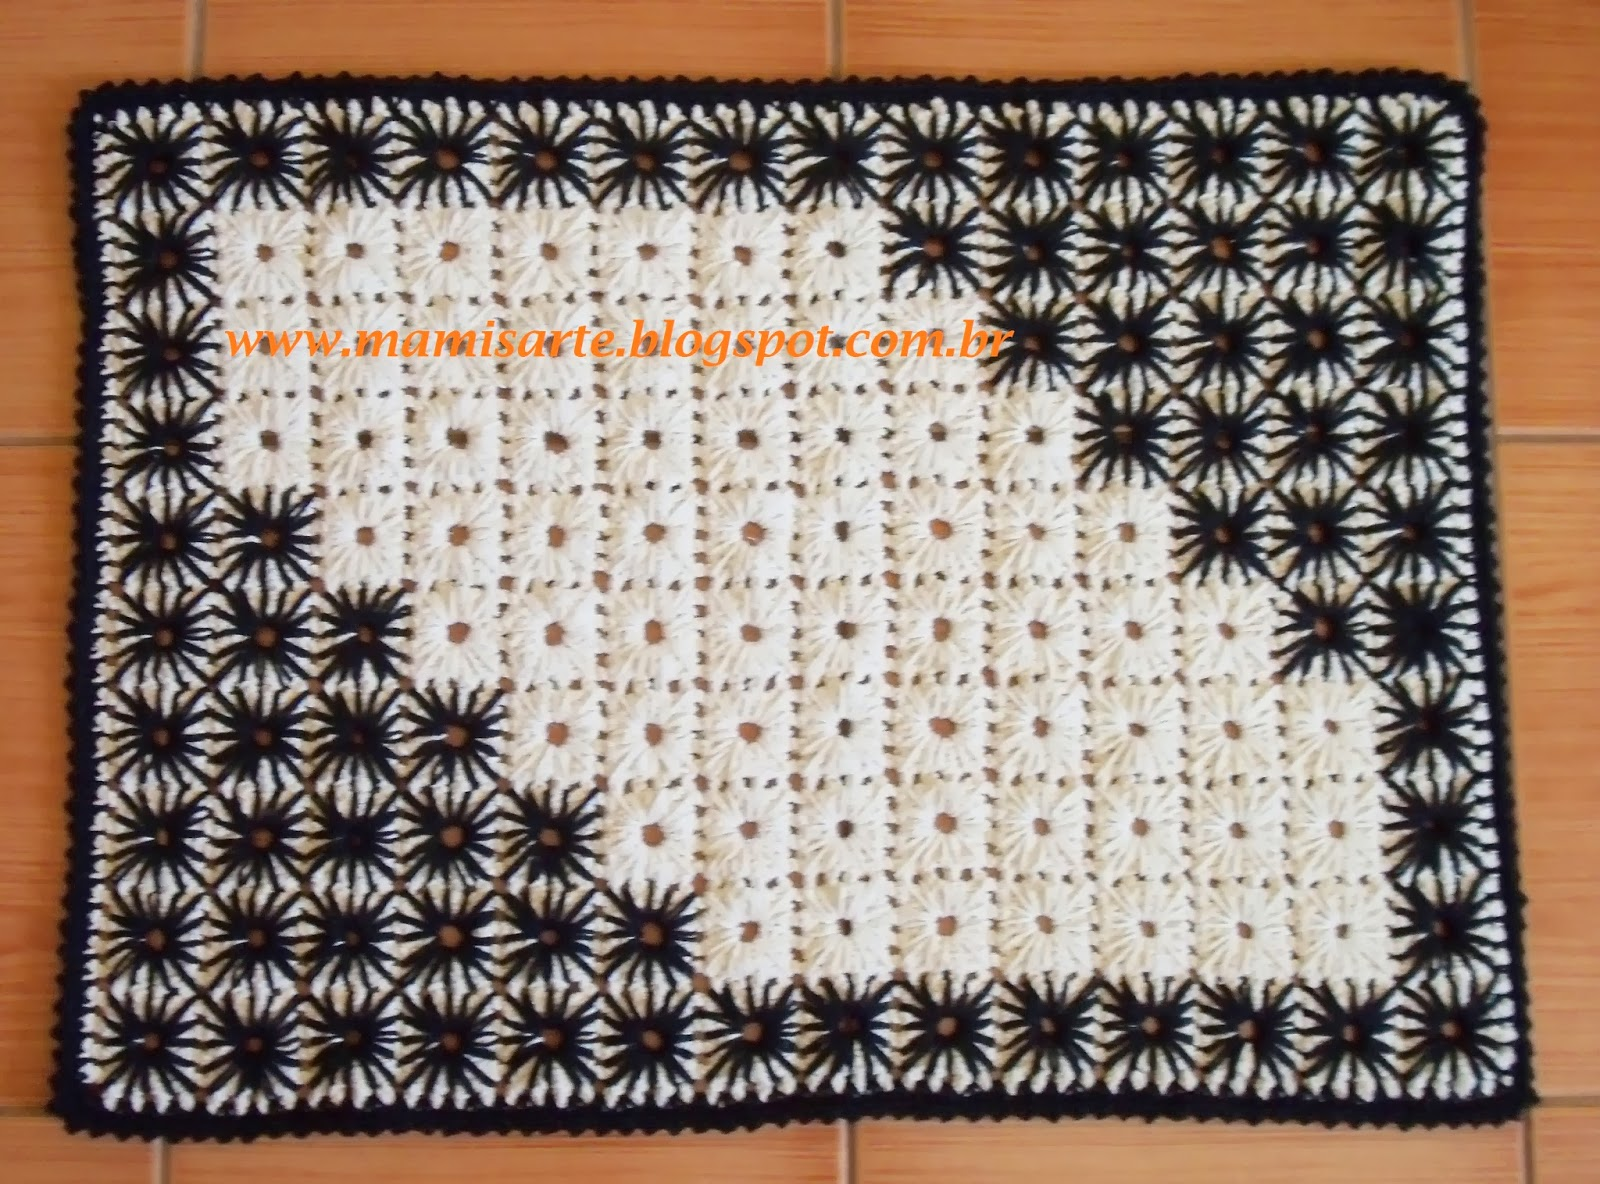 Tapete em Crochet Bordado- Dicas para Bordá-lo